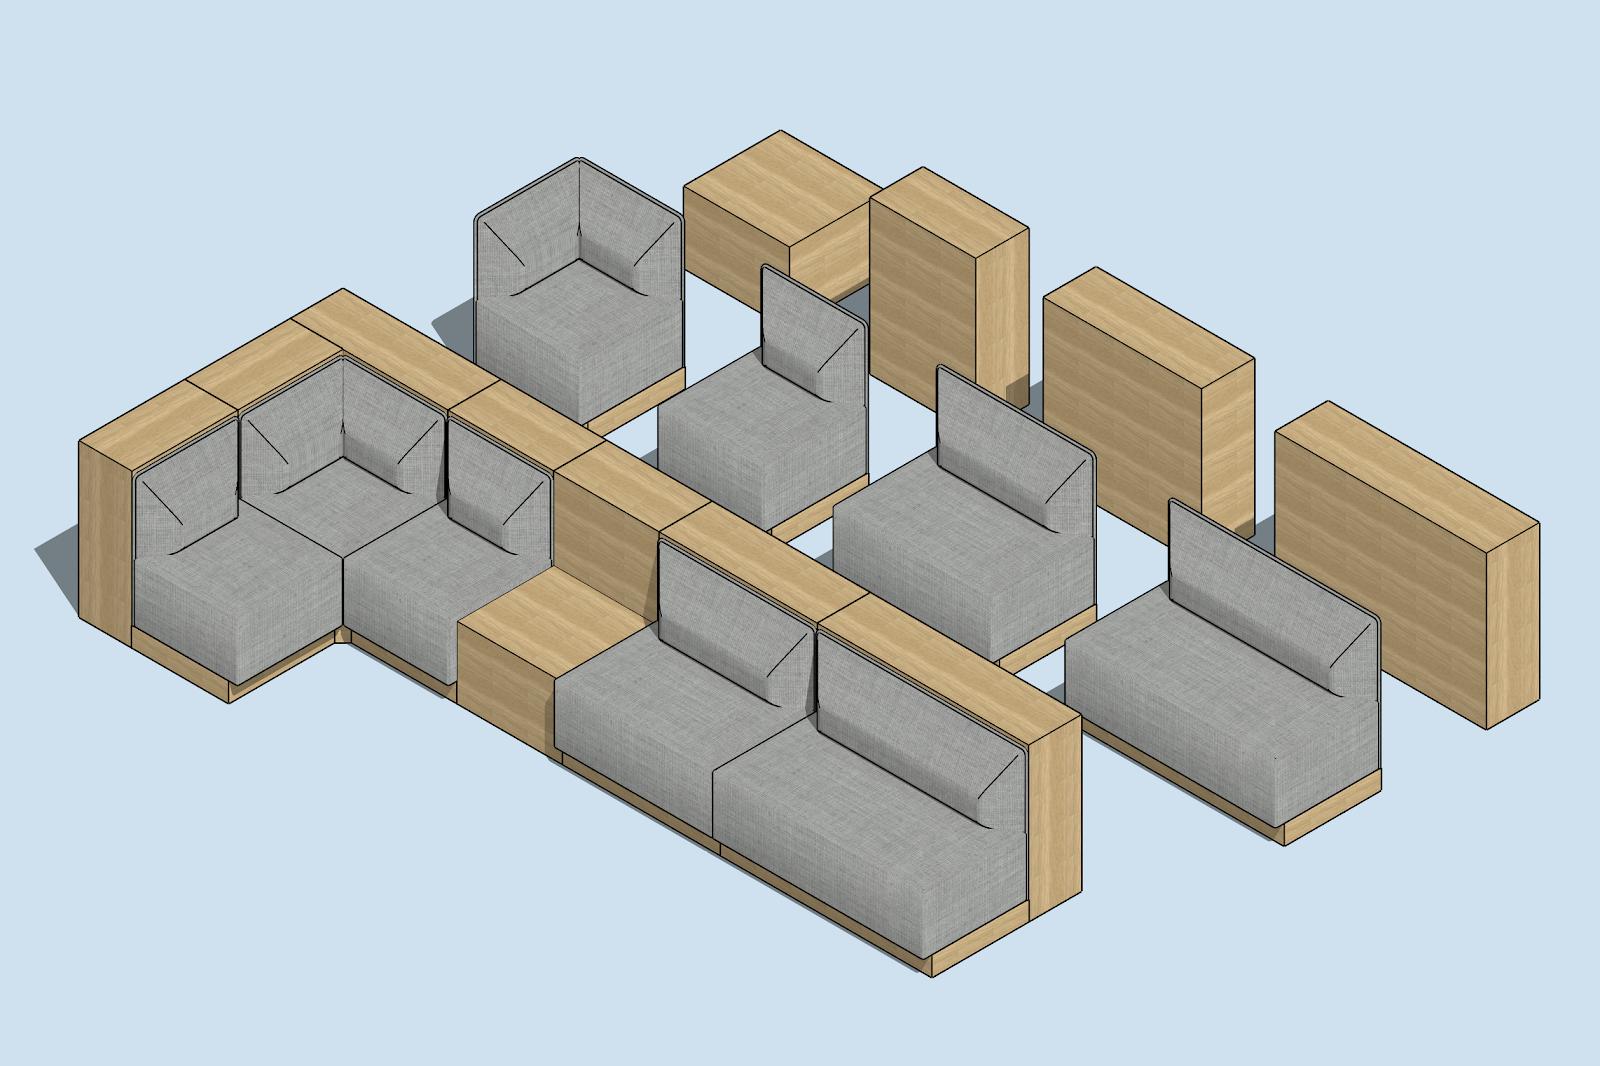 Çalışma Alanları İçin Mobilya Tasarımı: Danimarka Tarzı 5